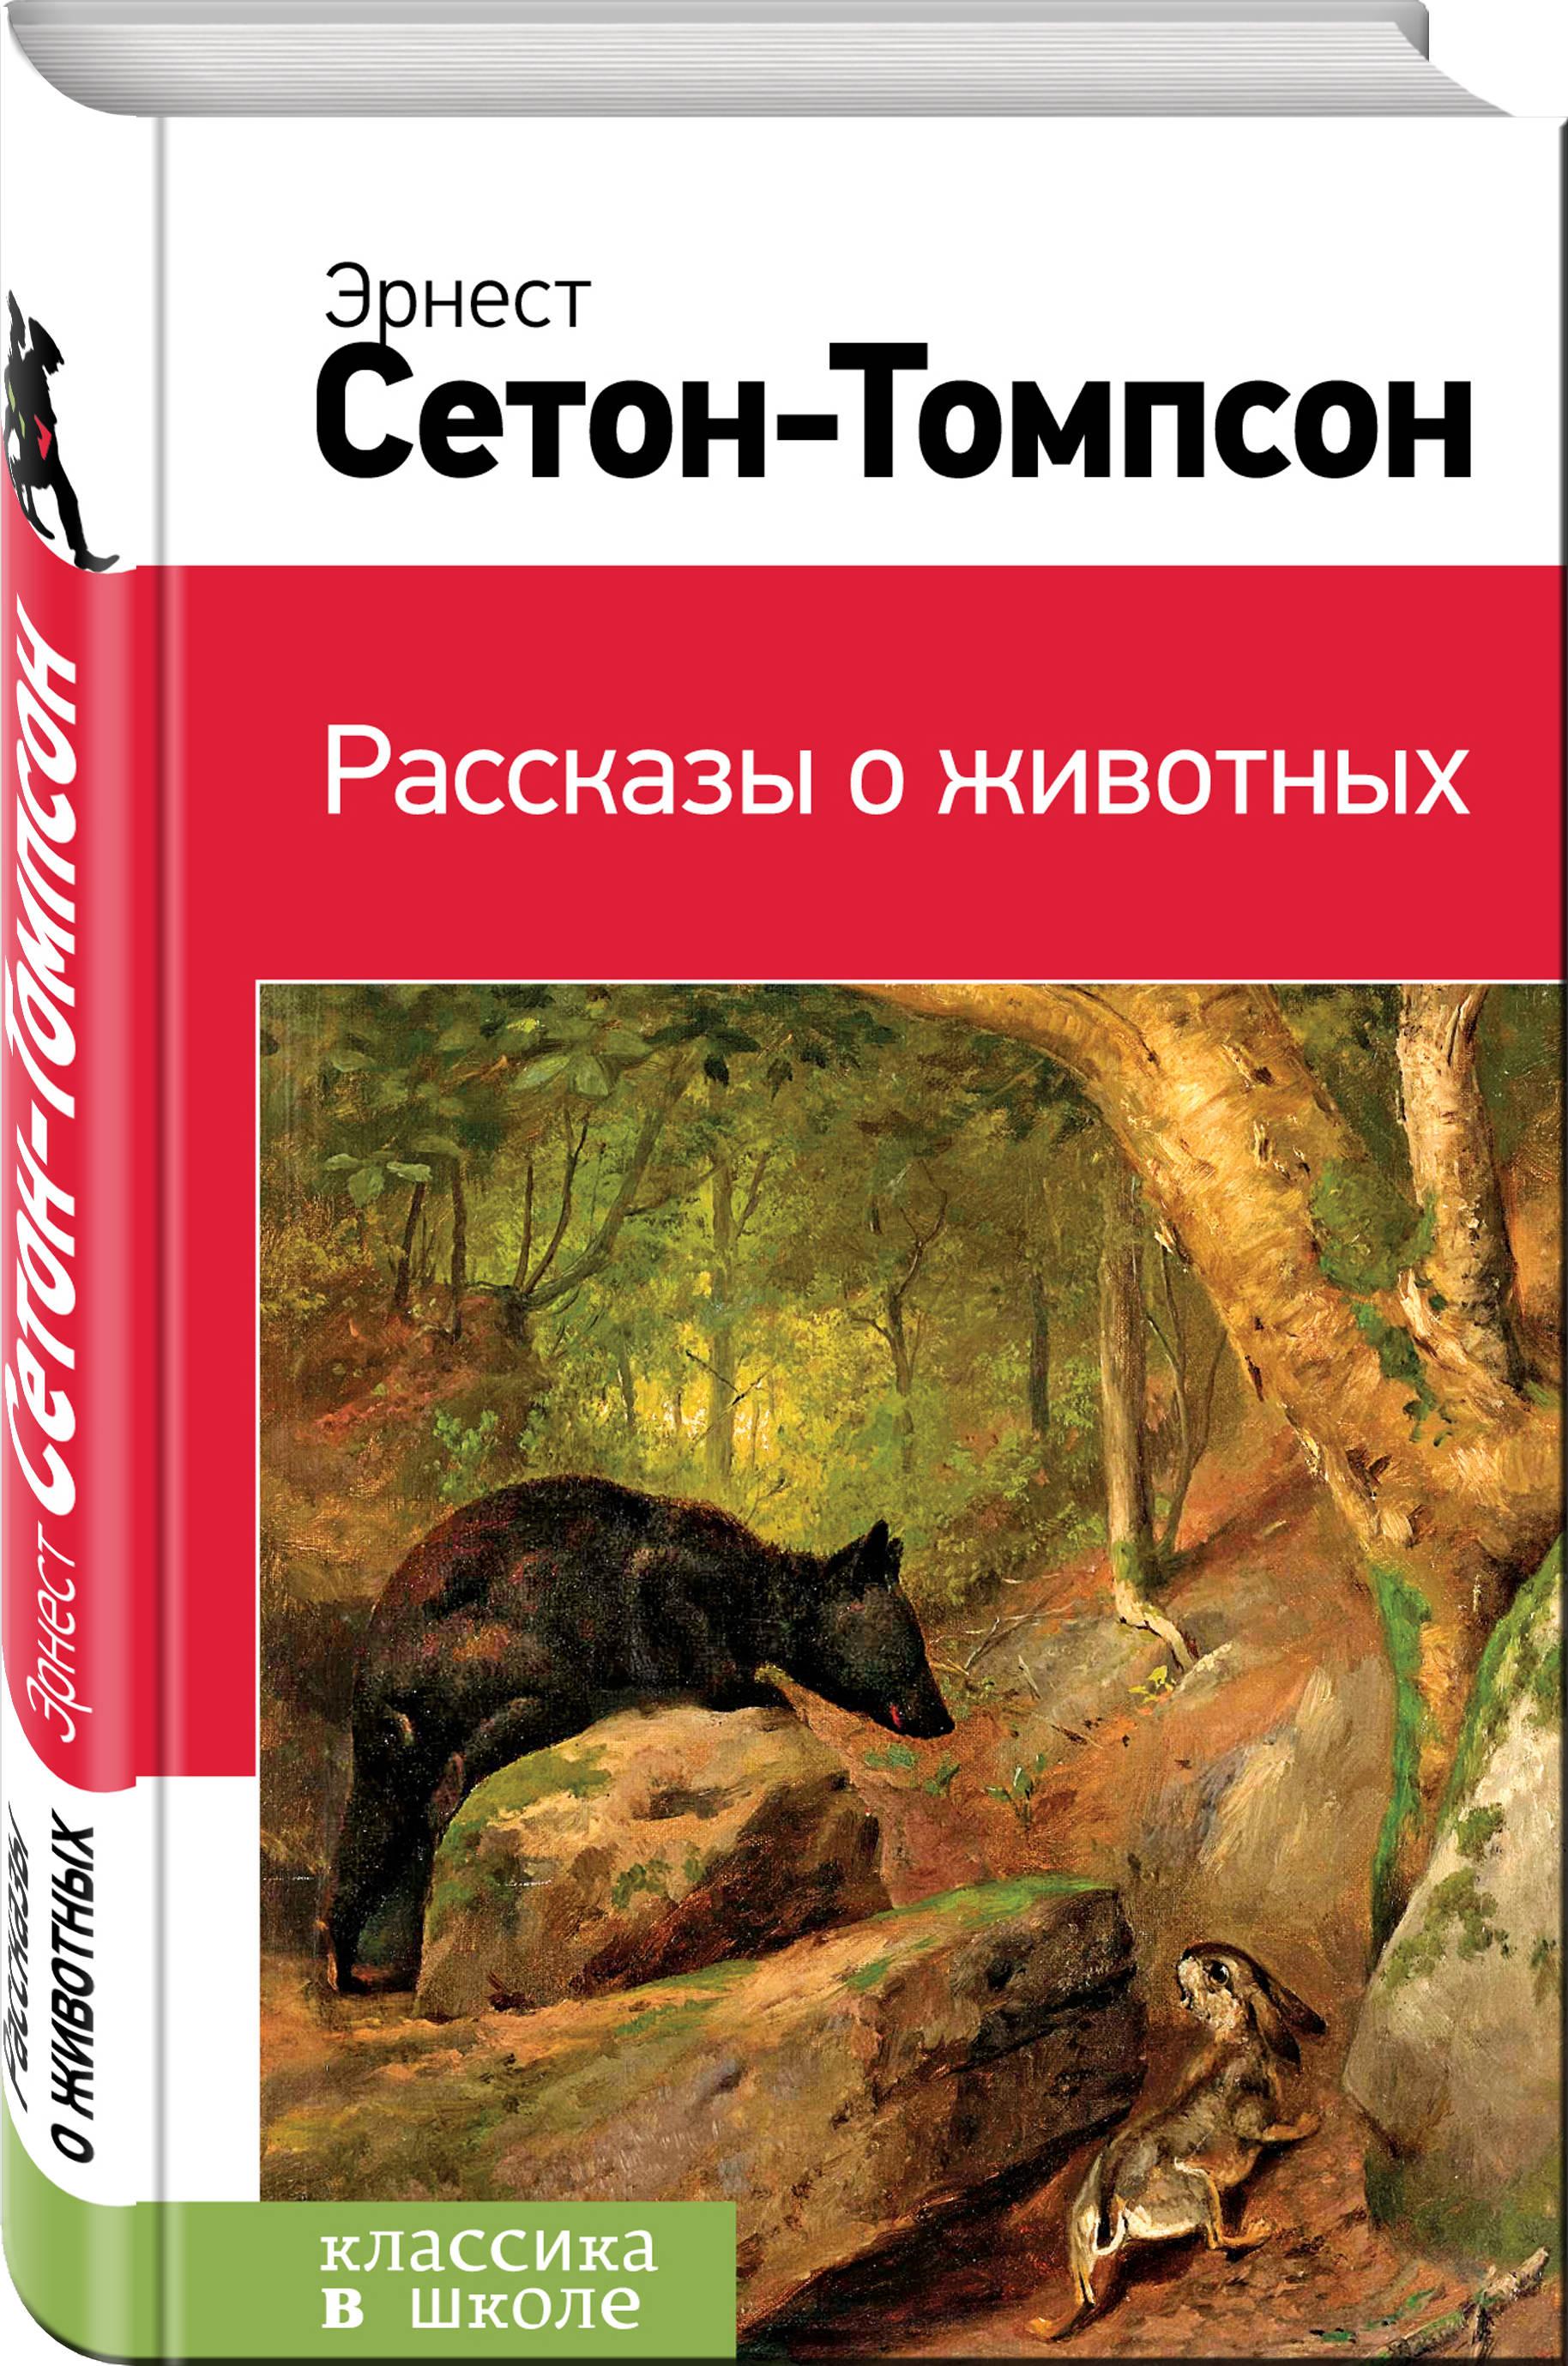 Эрнест Сетон-Томпсон Рассказы о животных для животных класса обыкновенные губки характерно